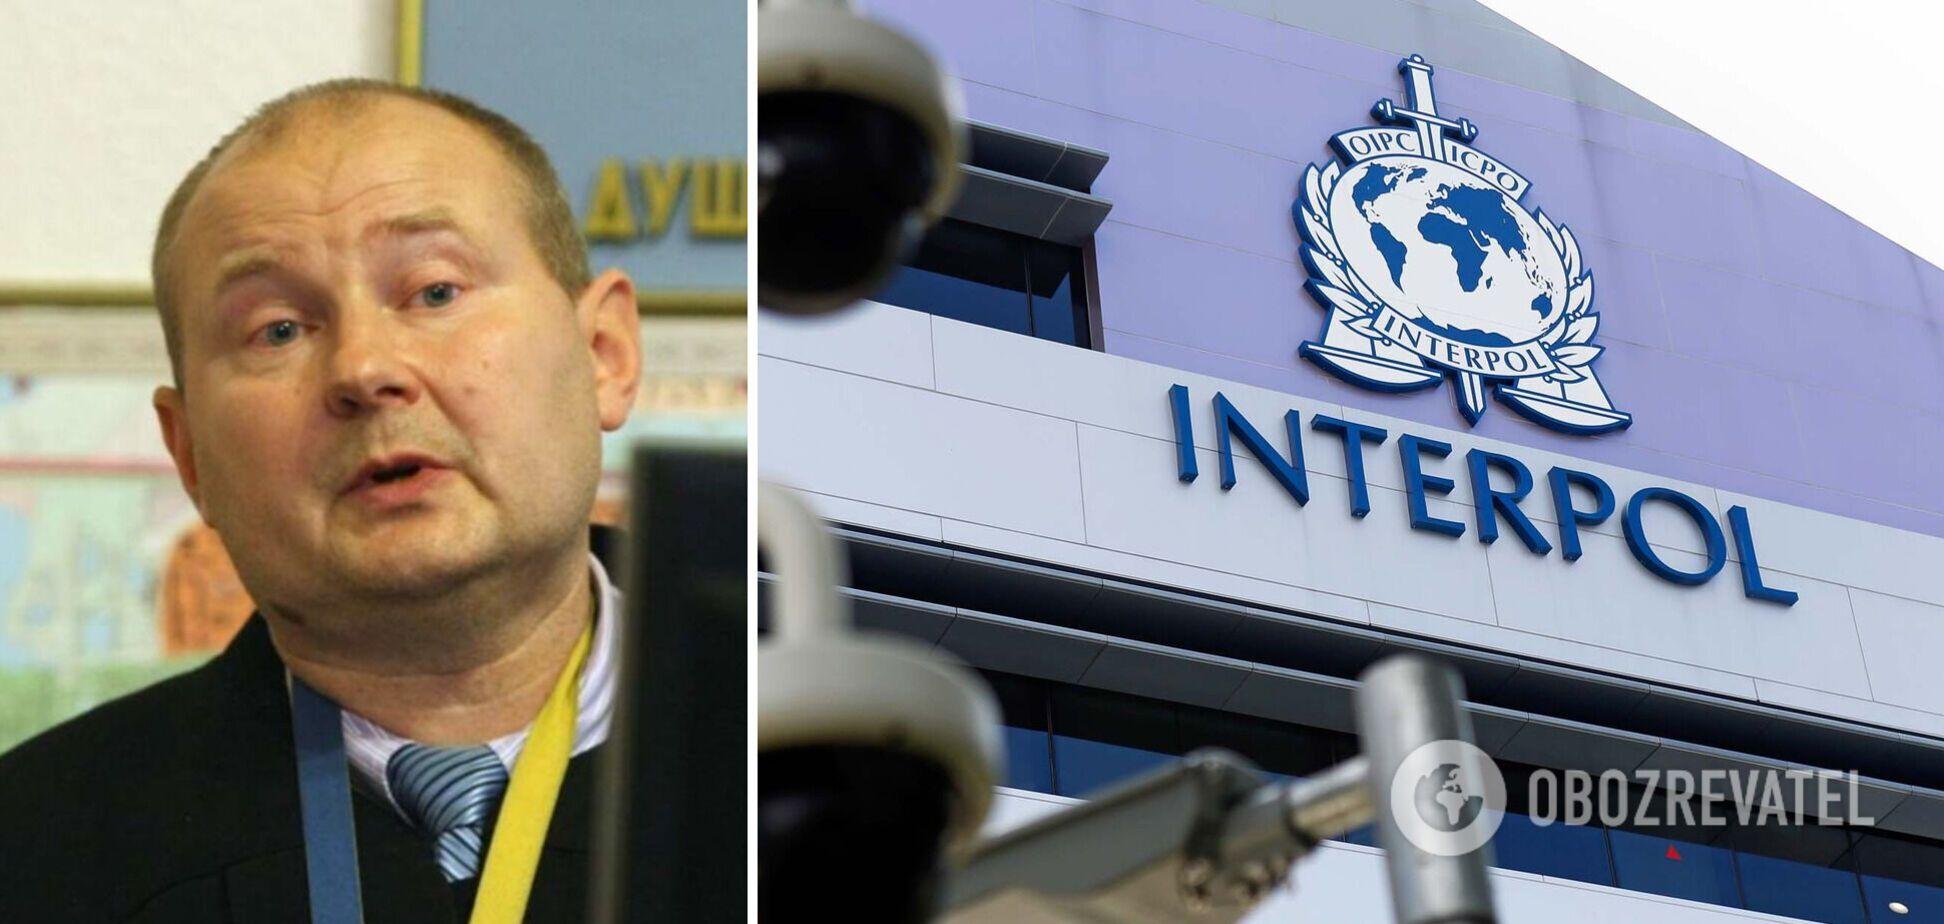 Чауса сняли с розыска Интерпола: СМИ обнародовали документы